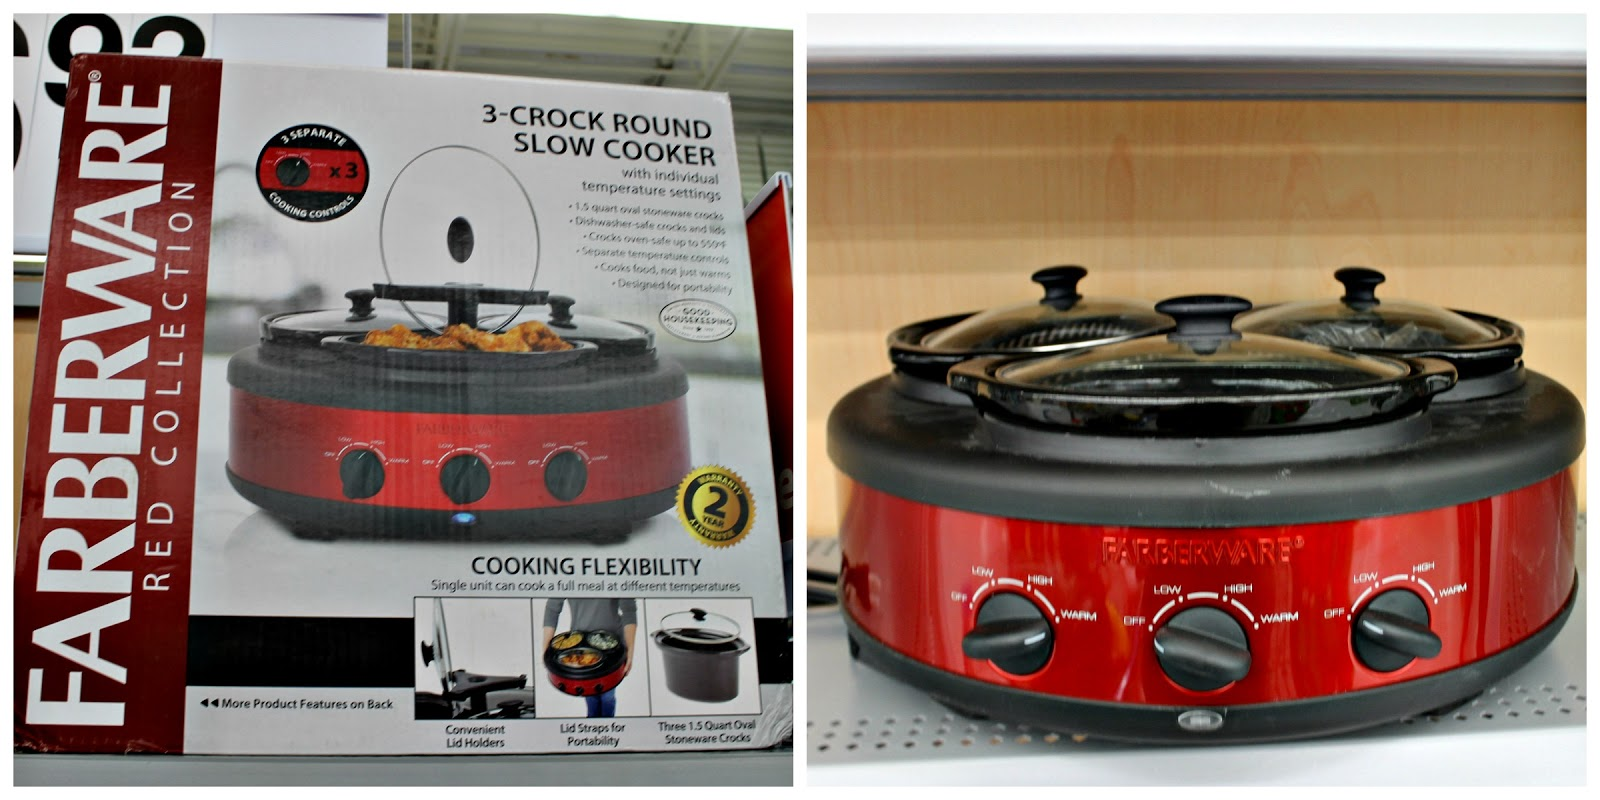 3 crock slow cooker